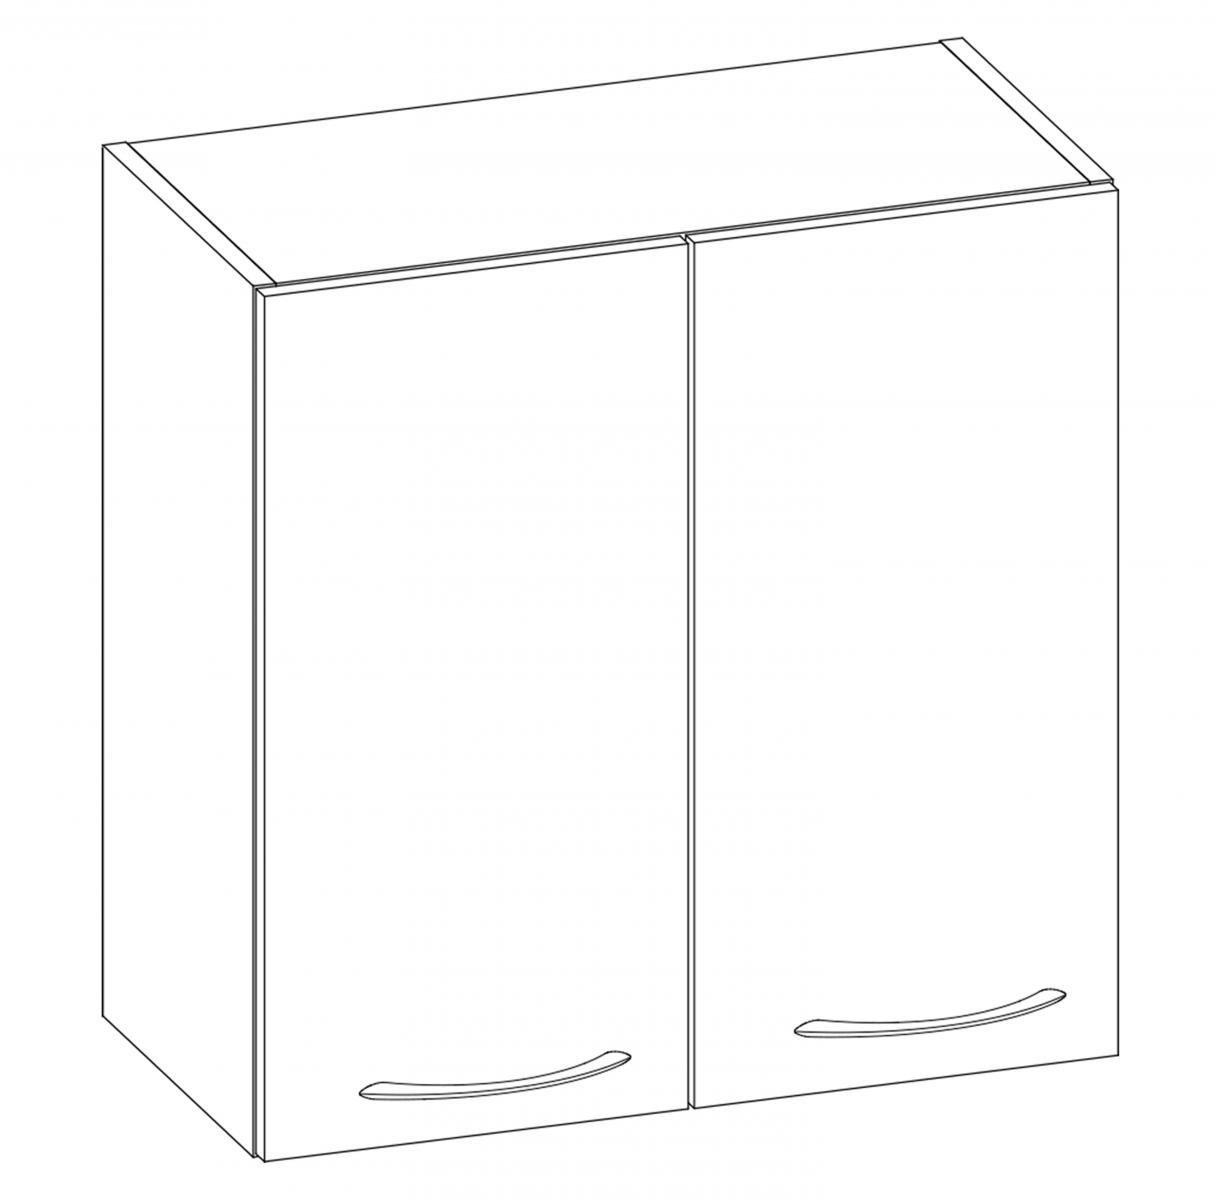 Kuchyňská skříňka Largo 04/G60 sonoma světlá